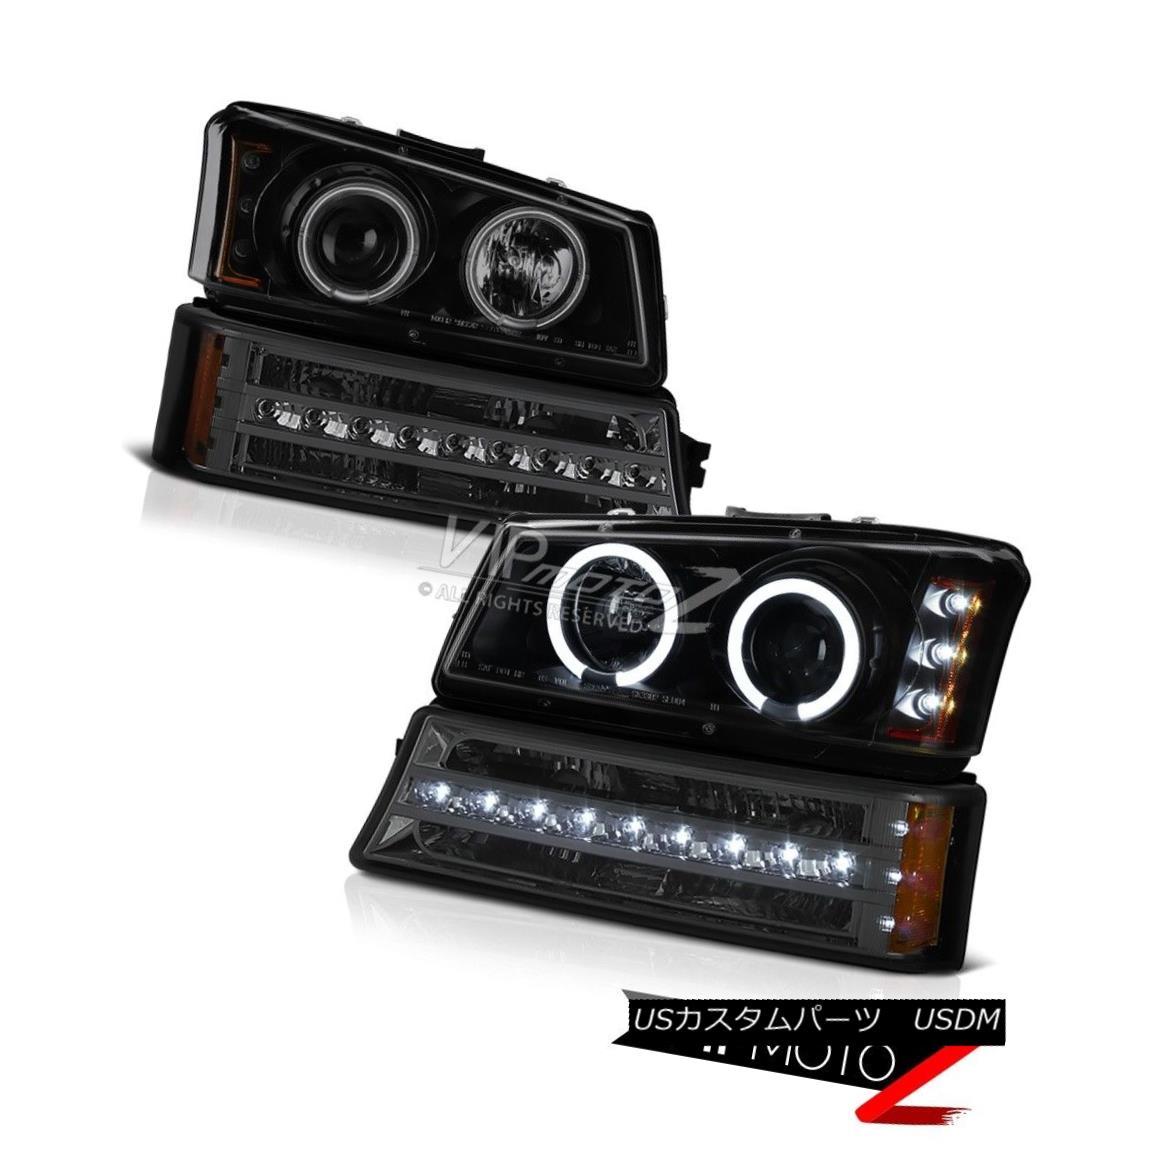 ヘッドライト 03 04 05 06 Silverado 1500 Smokey parking light dark tinted projector headlights 03 04 05 06シルバラード1500スモーキーパーキングライトダークテントプロジェクターヘッドライト